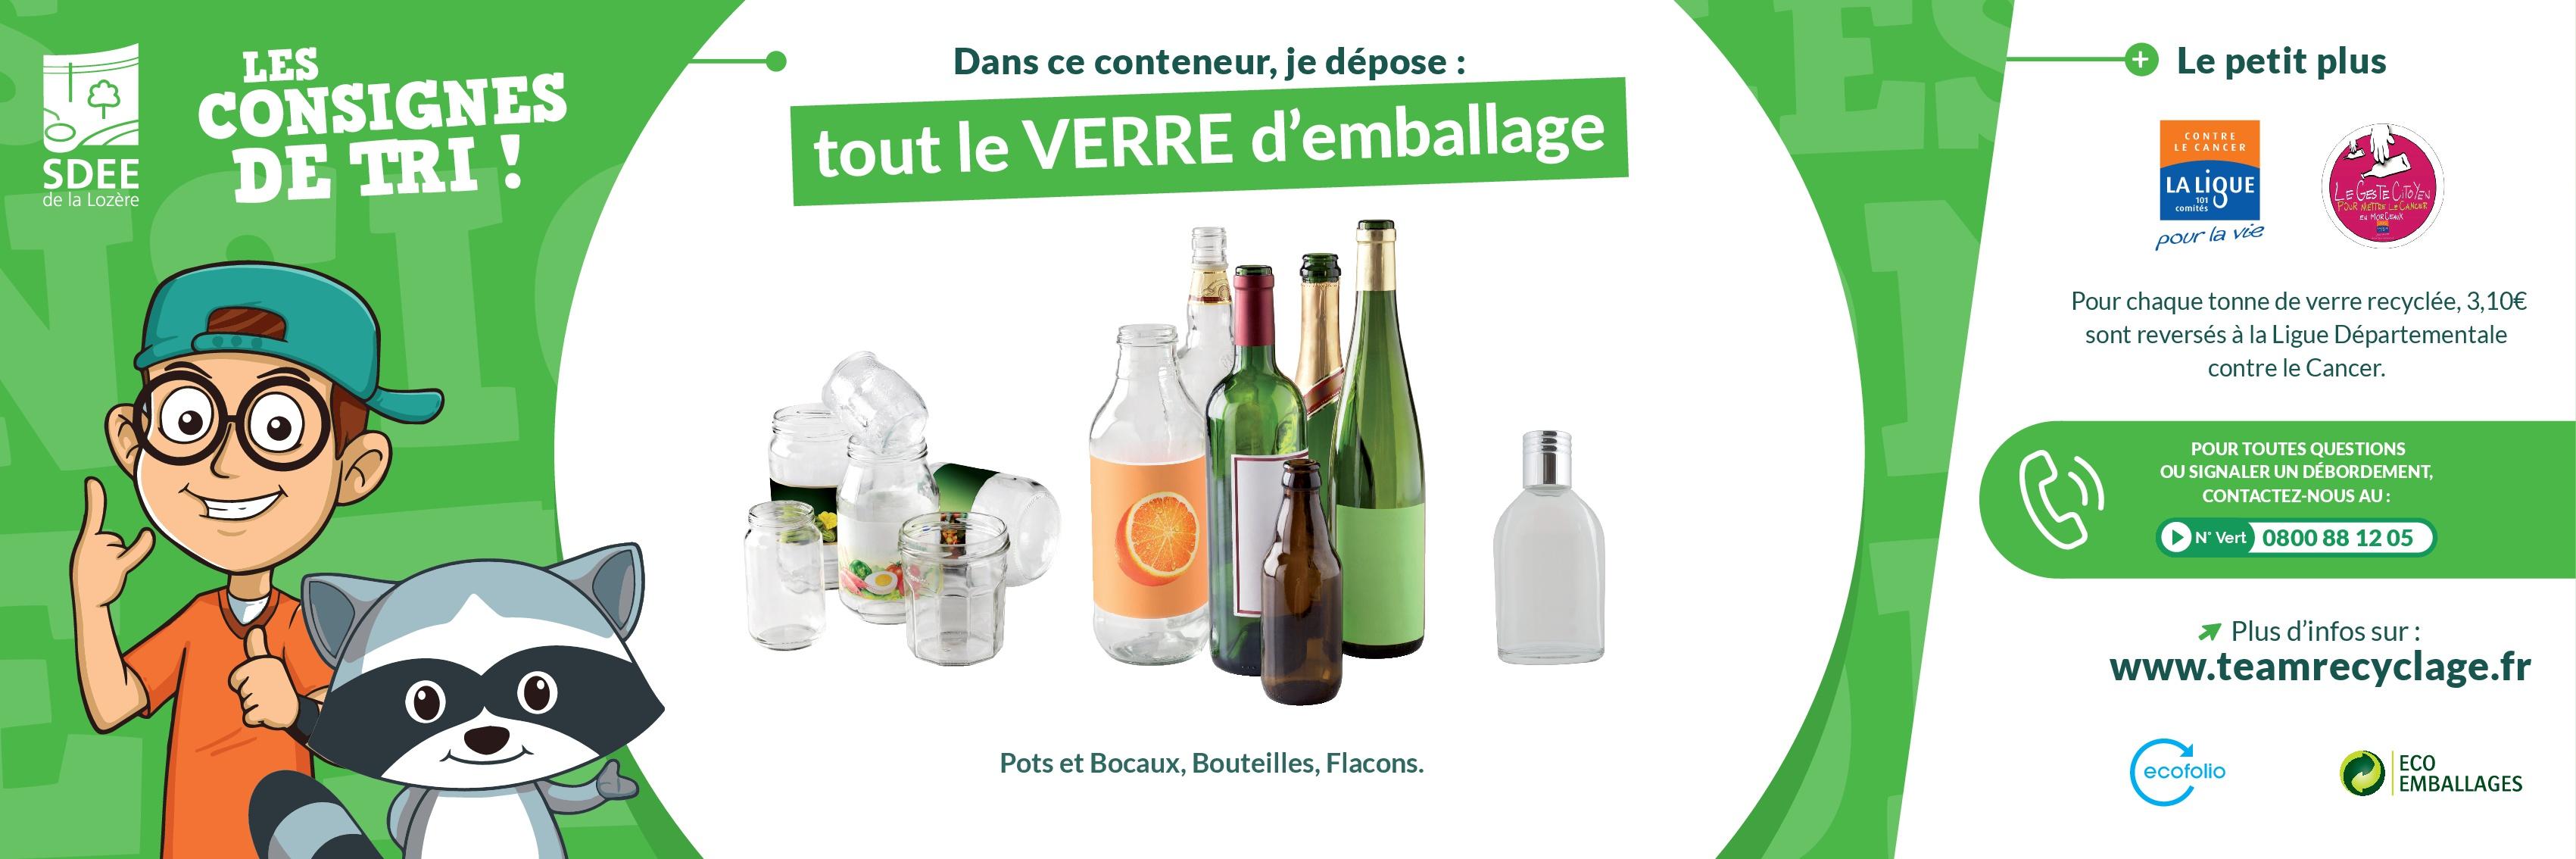 Les consignes de tri pour les verre d'emballage (pots et bocaux, bouteilles et flacons)